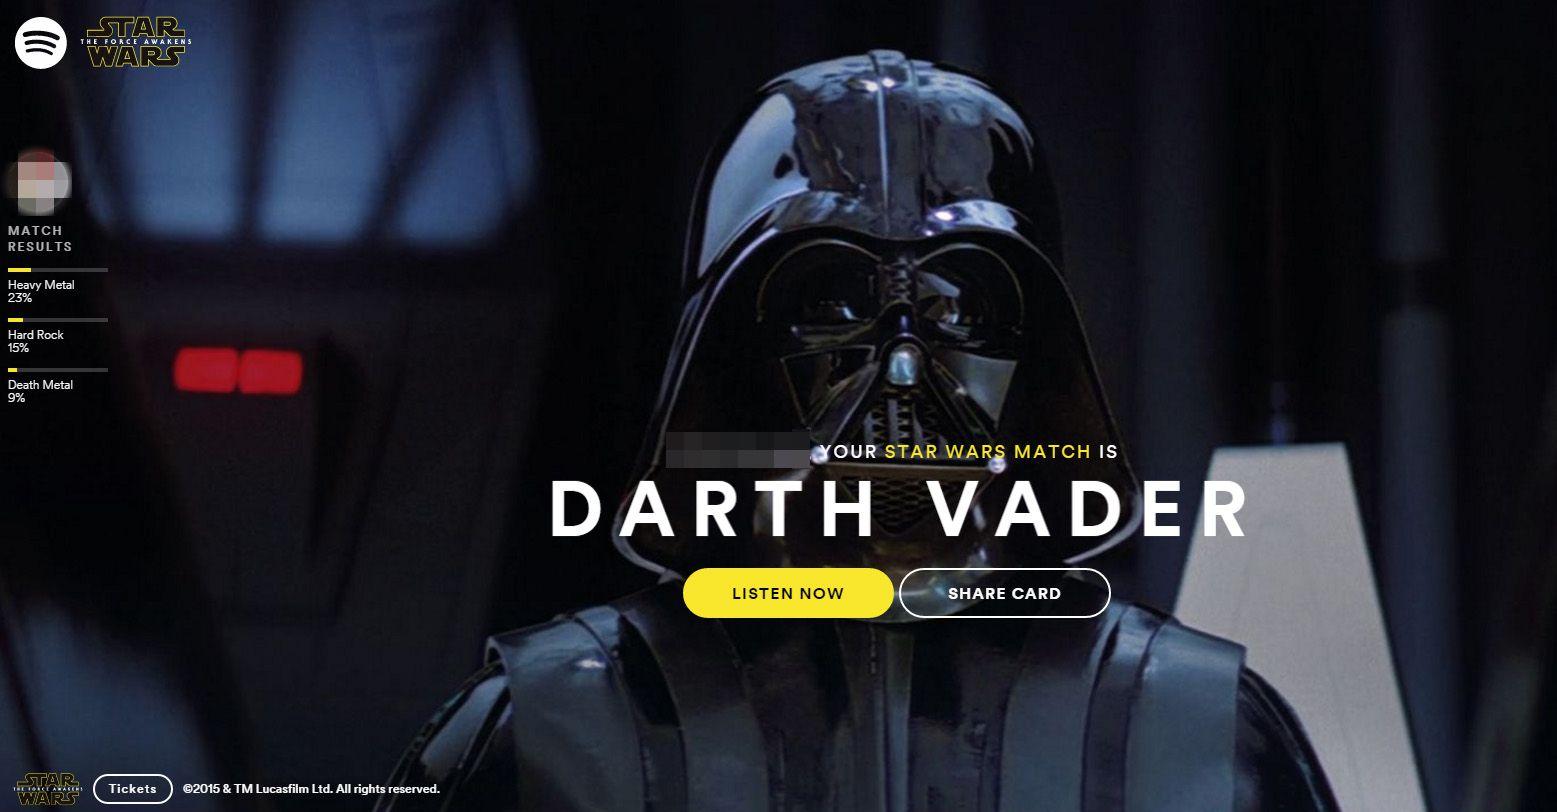 Spotify fez um teste para descobrir qual  personagem de Star Wars combina mais com o seu perfil musical